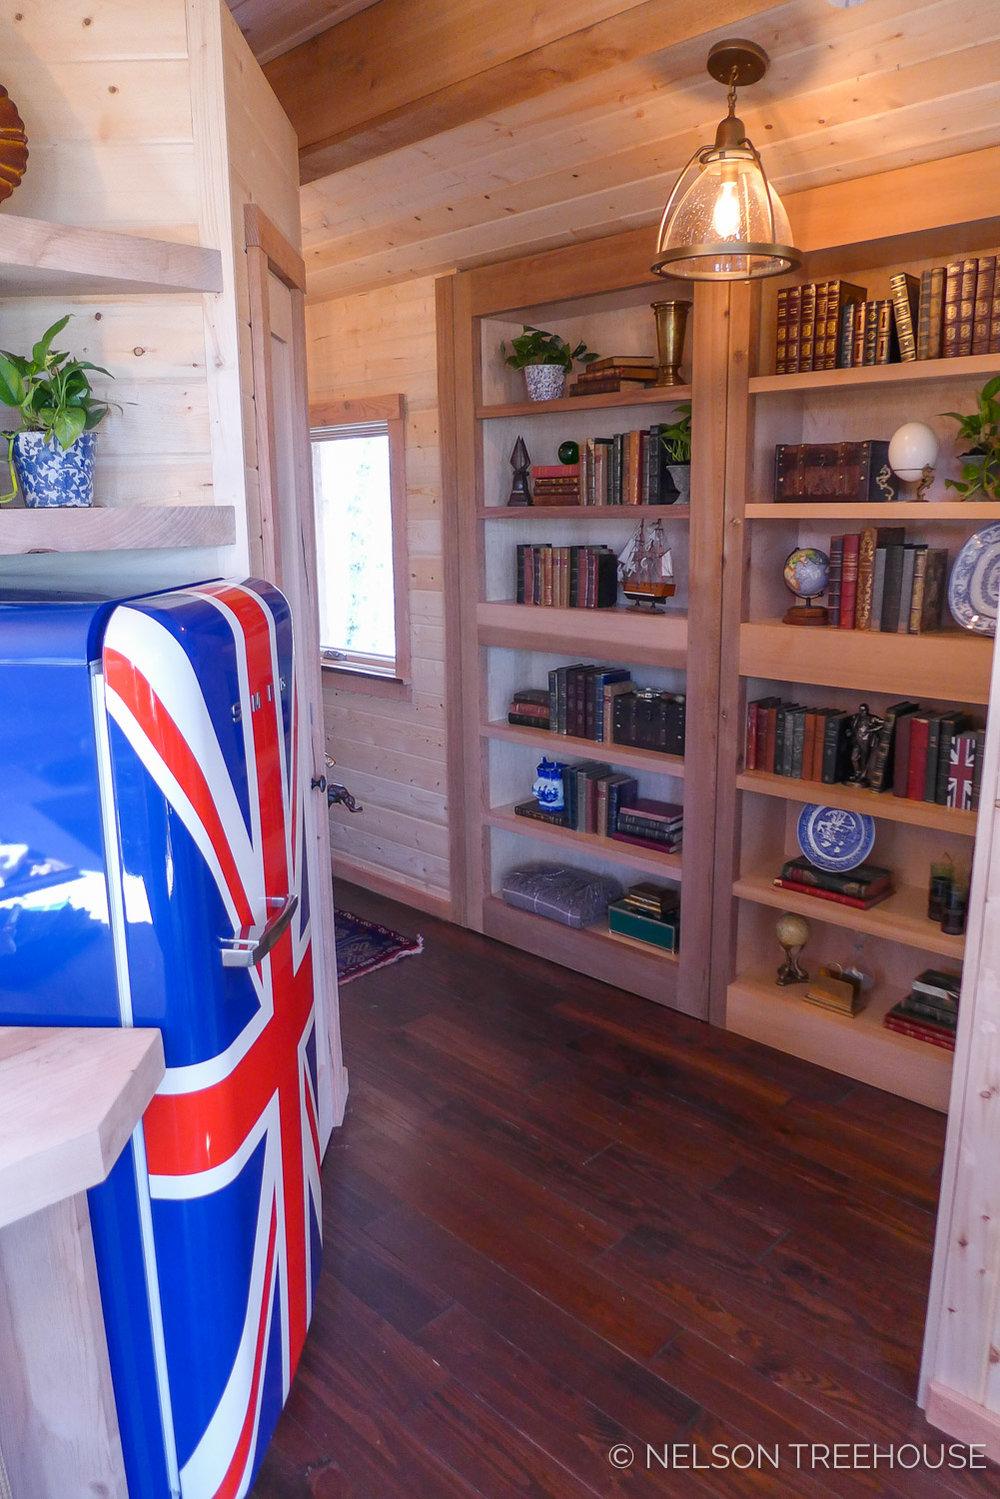 Super Spy Treehouse - Nelson Treehouse 2018 - Built-in bookshelf